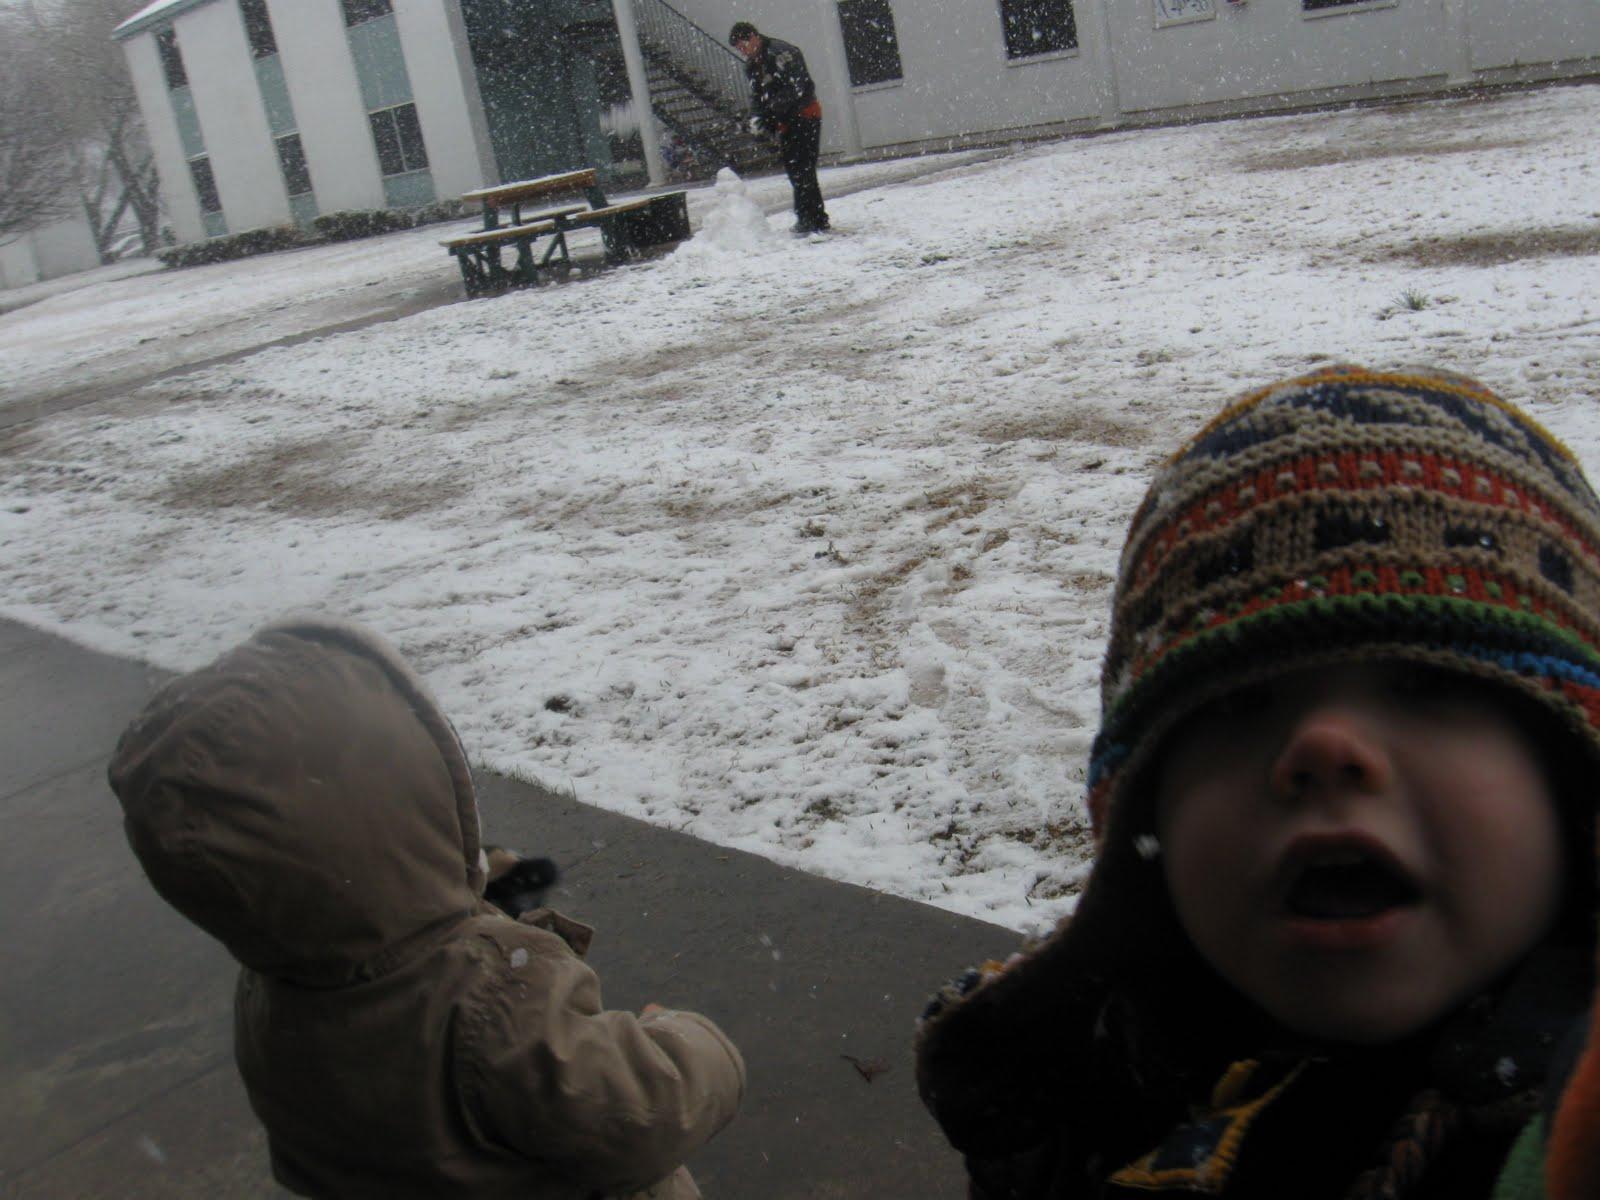 [snow+009.jpg]